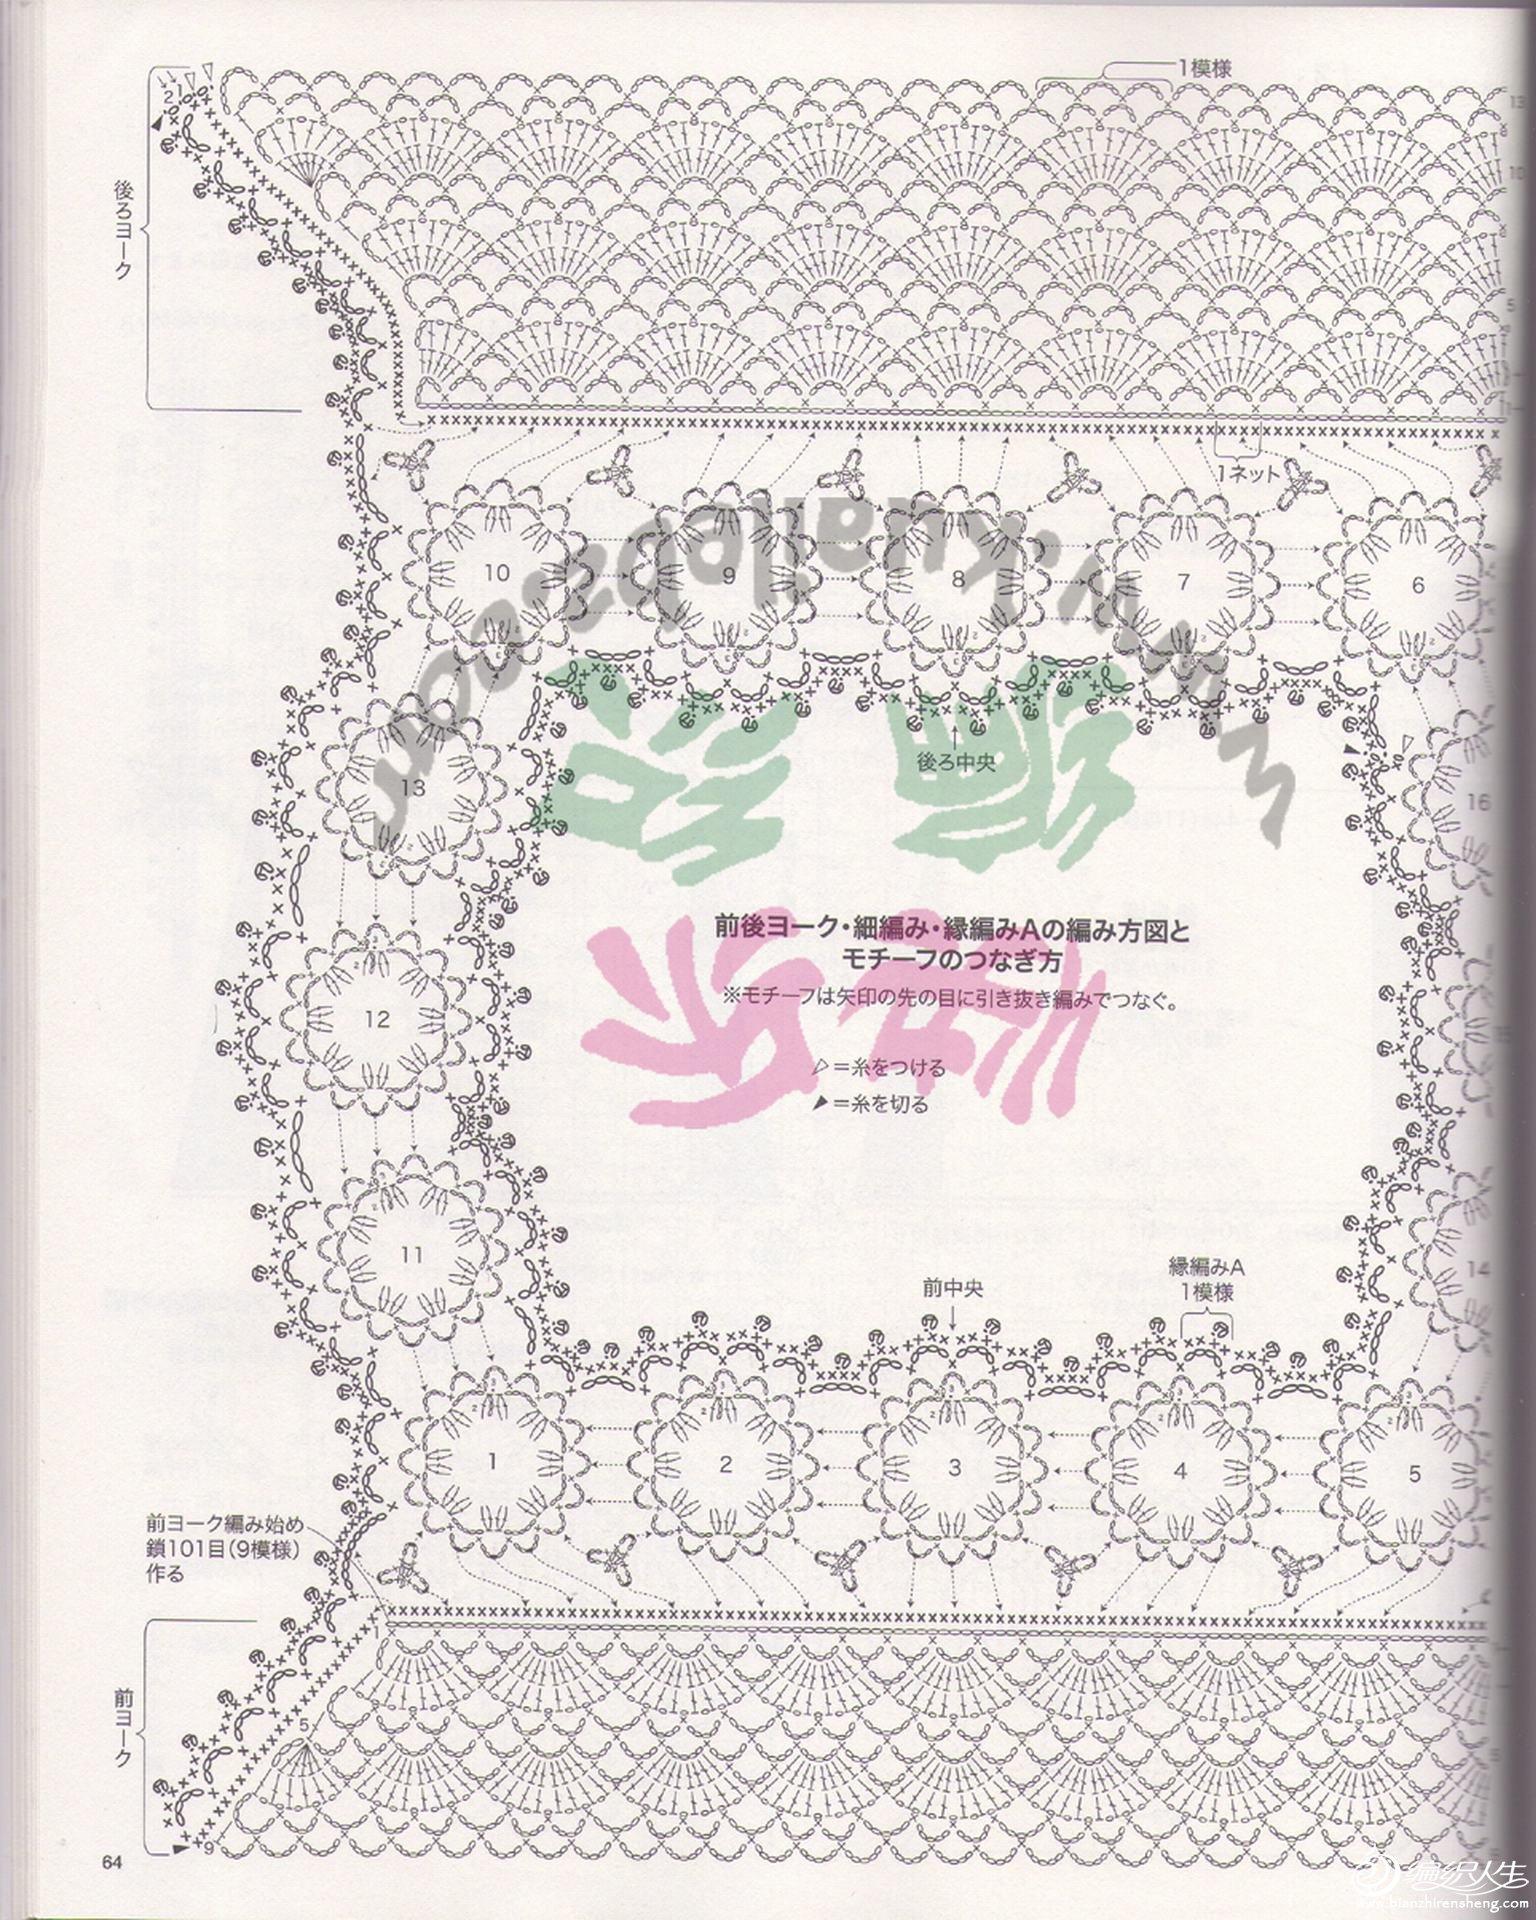 毛线手艺编织应时针织春夏号64.jpg